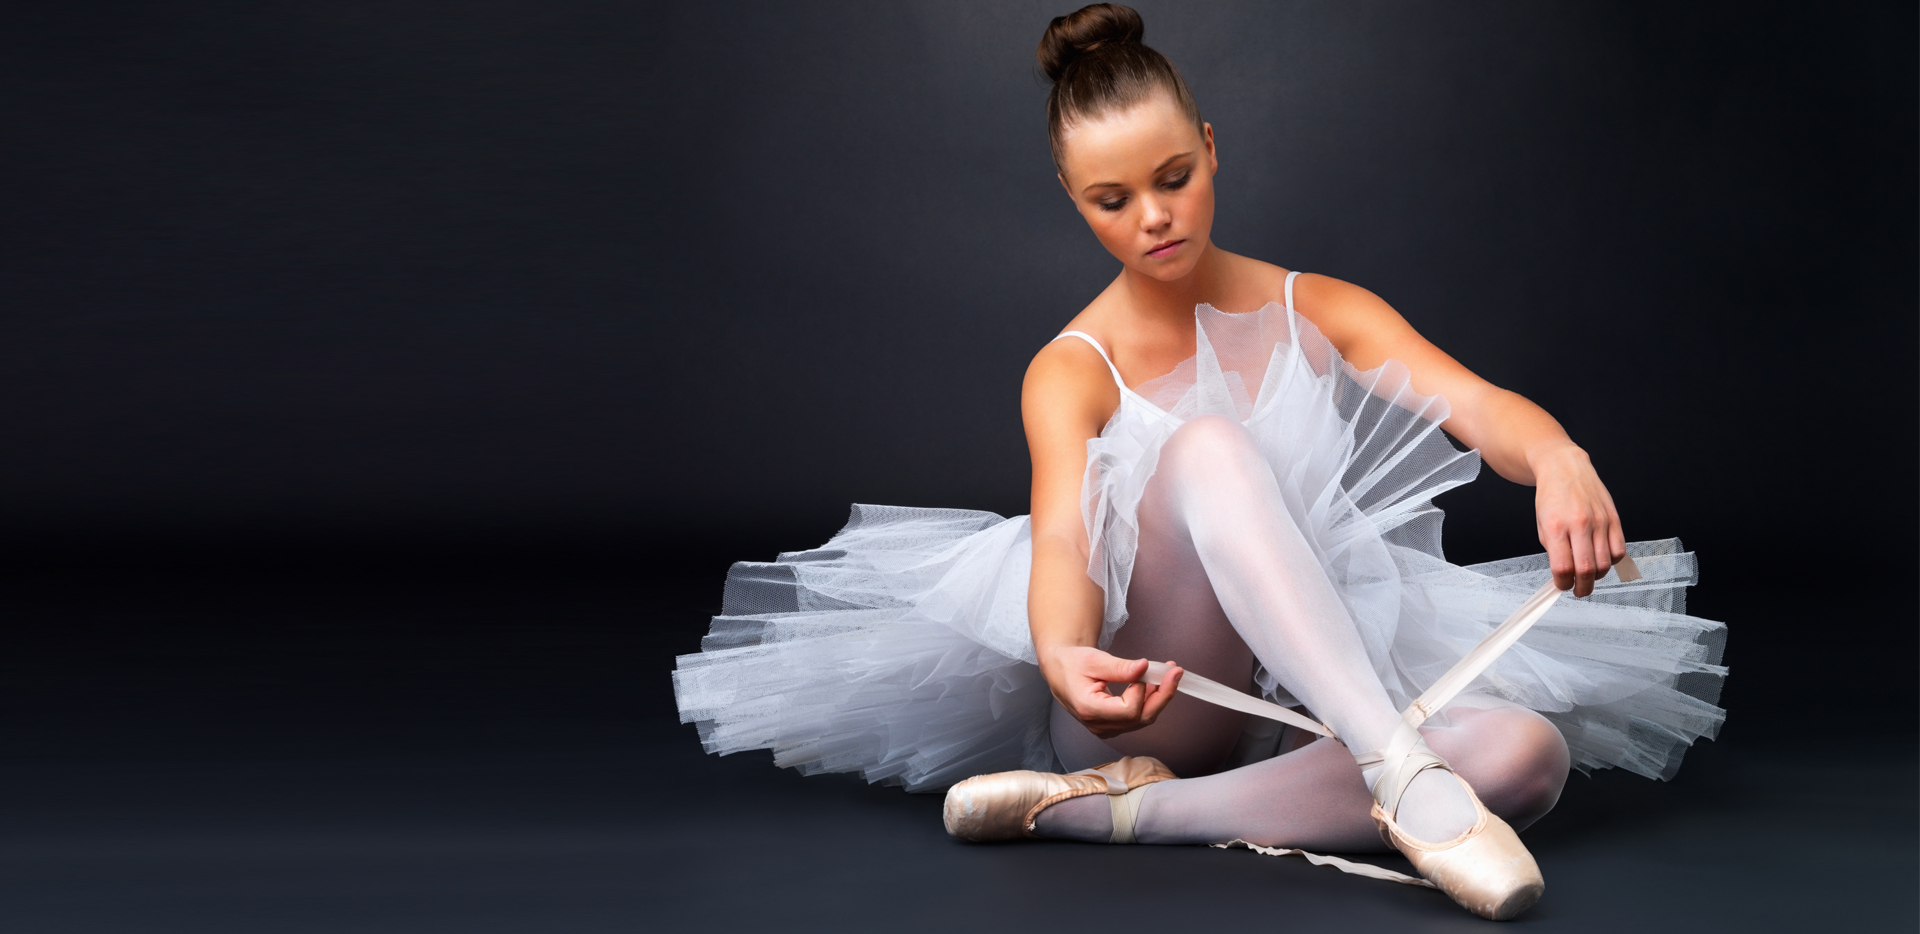 Фото тренировки балерин 27 фотография